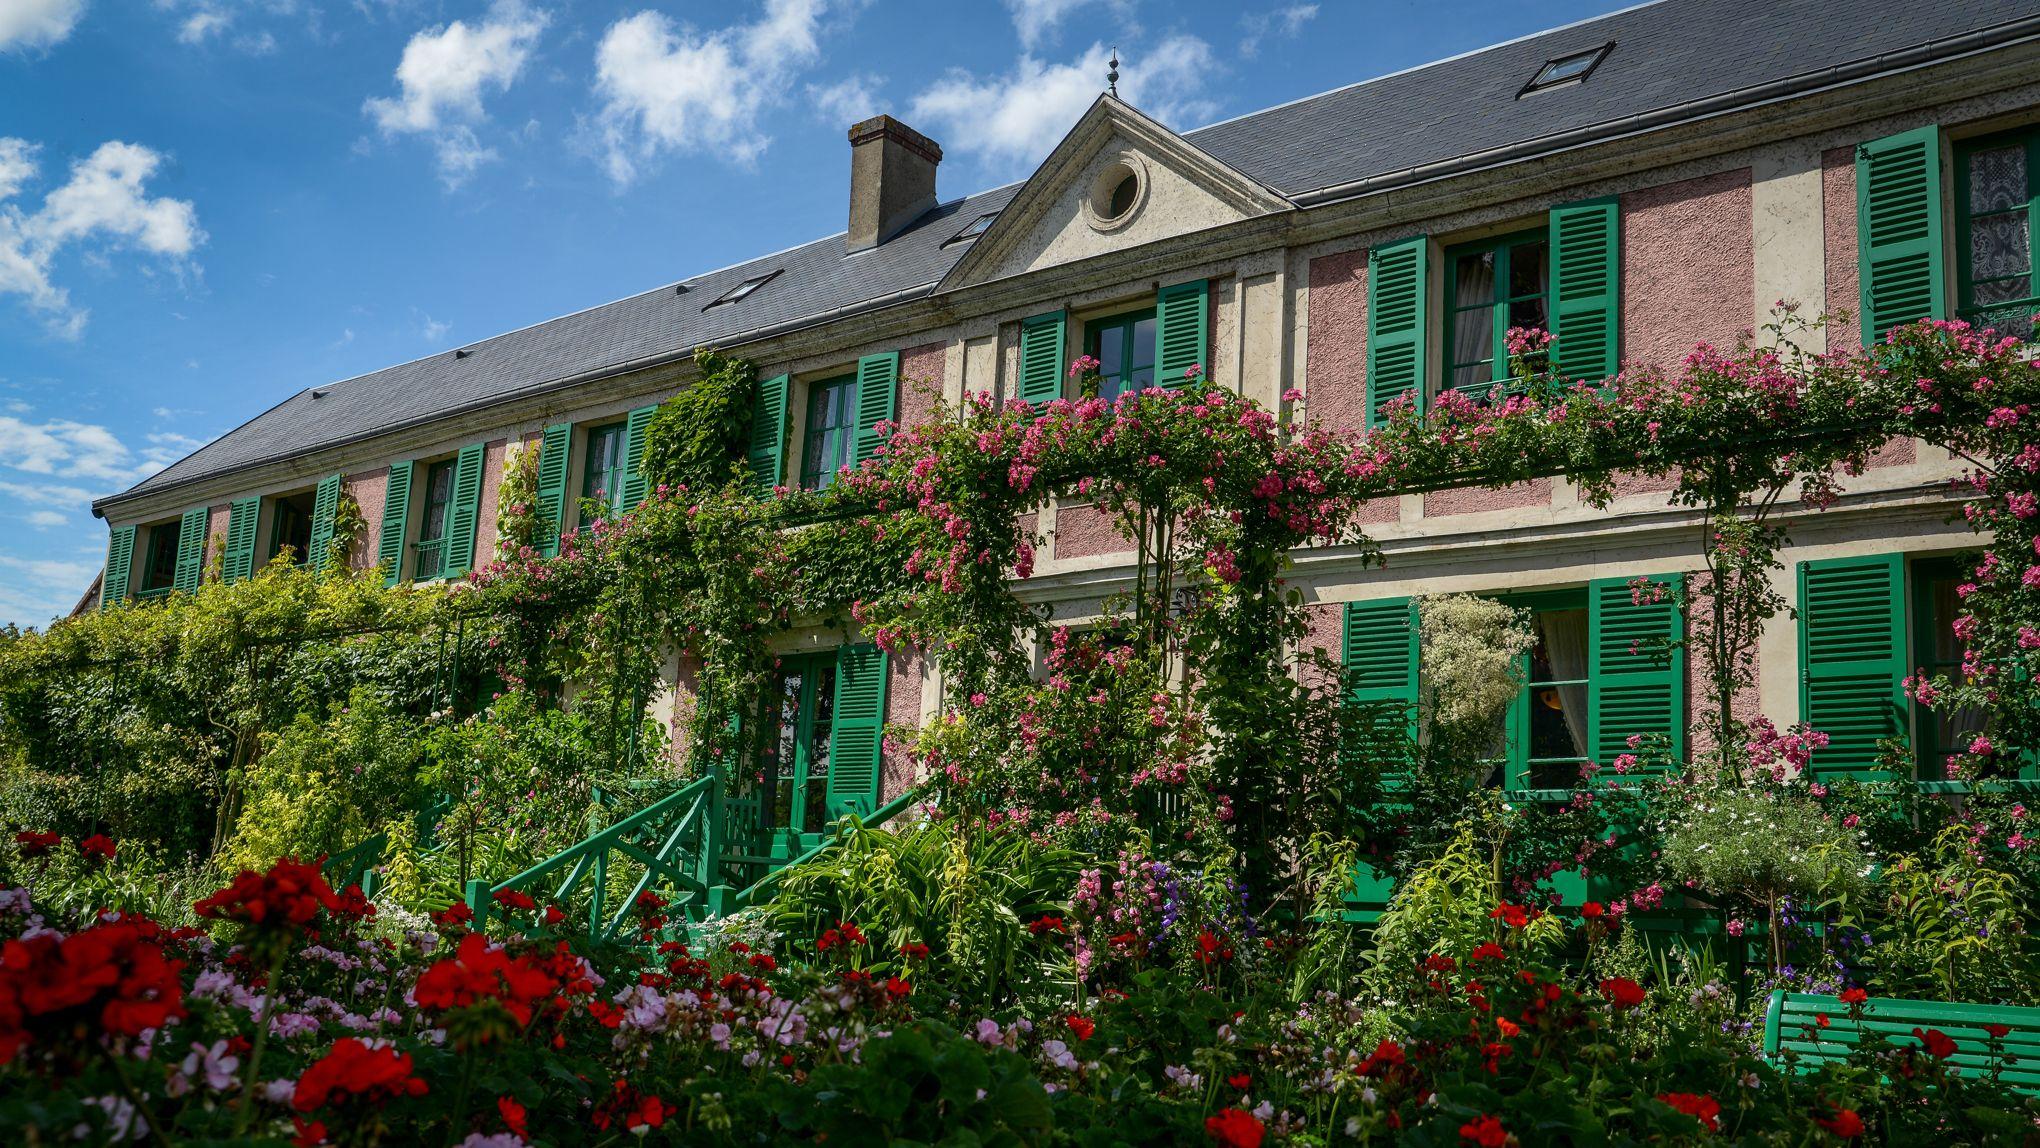 Dans les jardins de giverny tels que monet les peignait for Jardin des vins 2016 sion